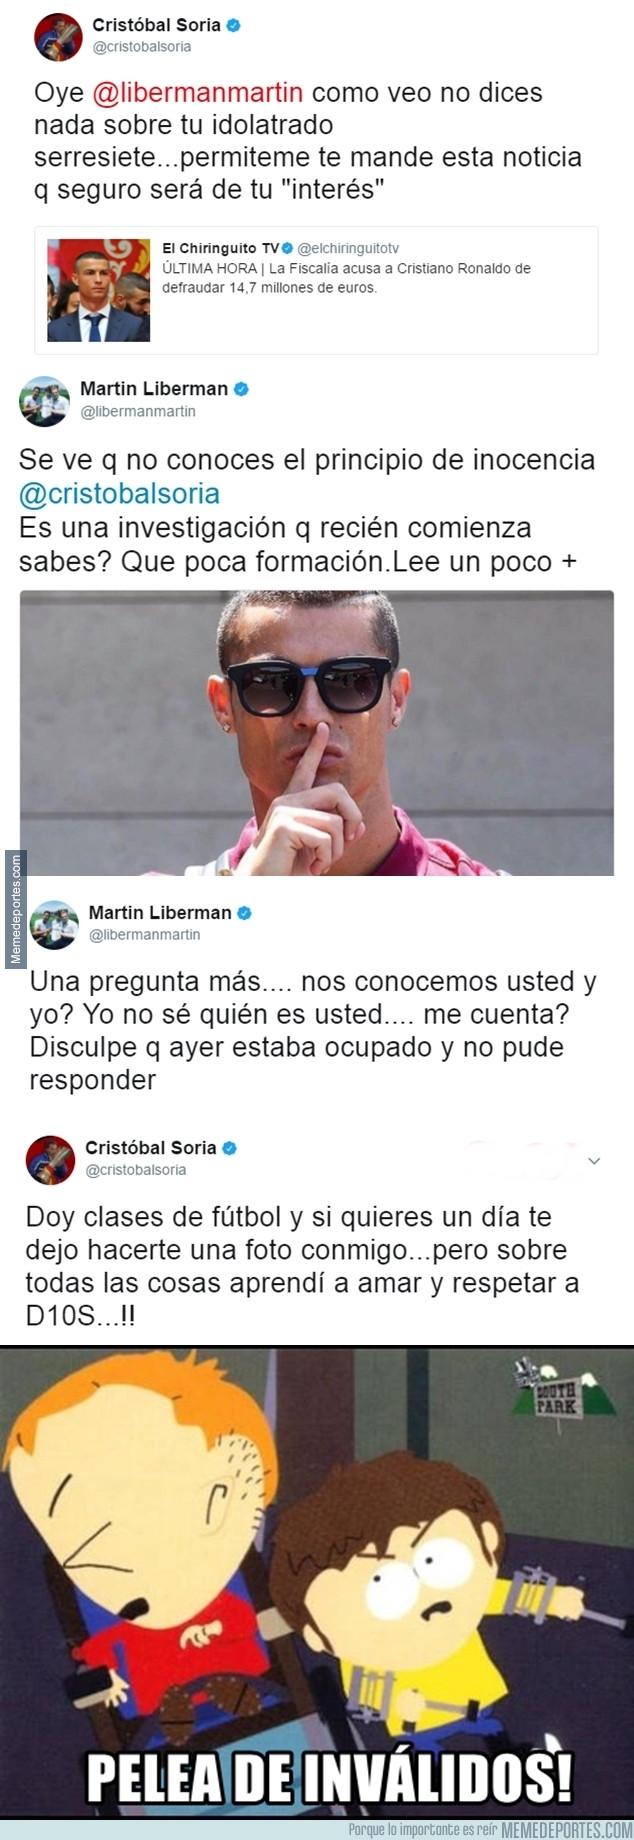 982159 - La gran pelea en Twitter entre Martín Liberman y Cristóbal Soria